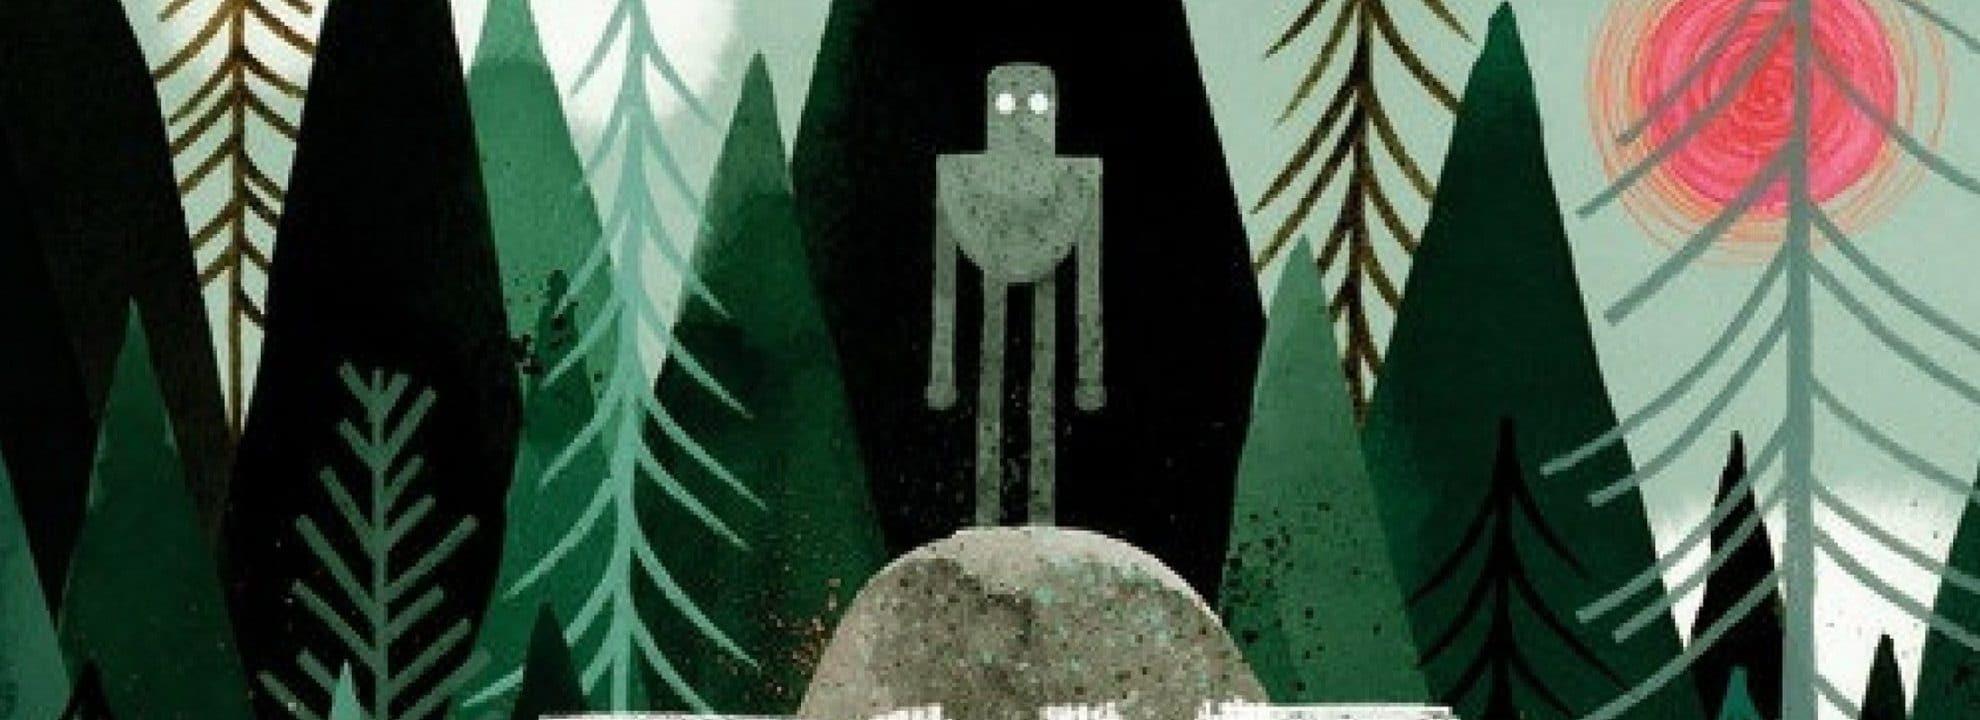 Robot v divočině cover